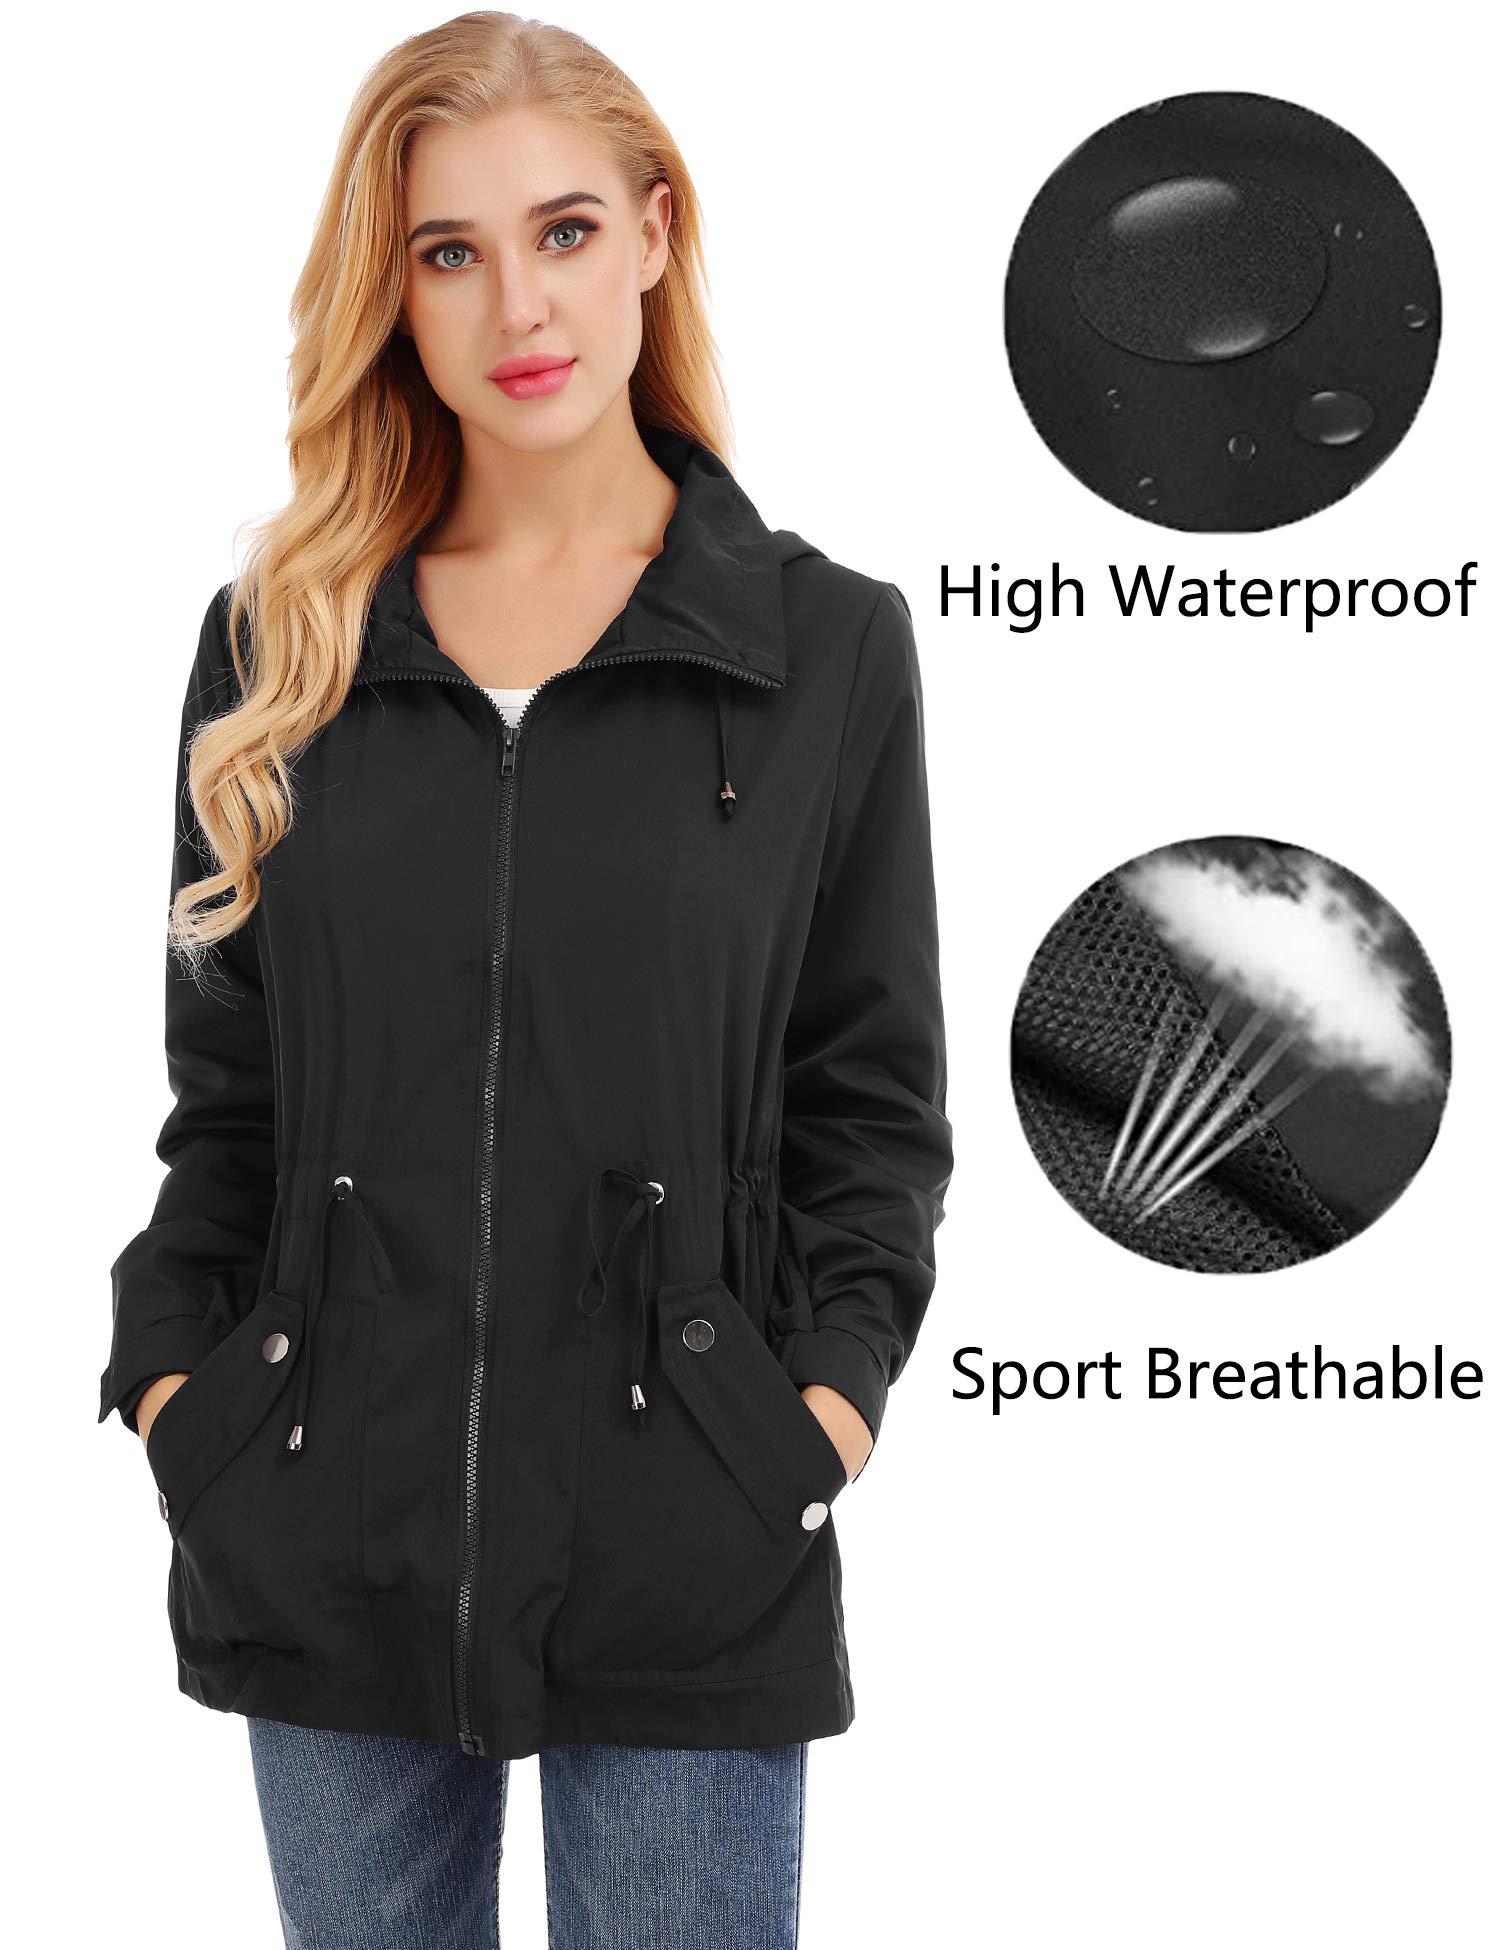 FISOUL Raincoats Women's Waterproof Lightweight Rain Jacket Outdoor Hooded Trench Black XL